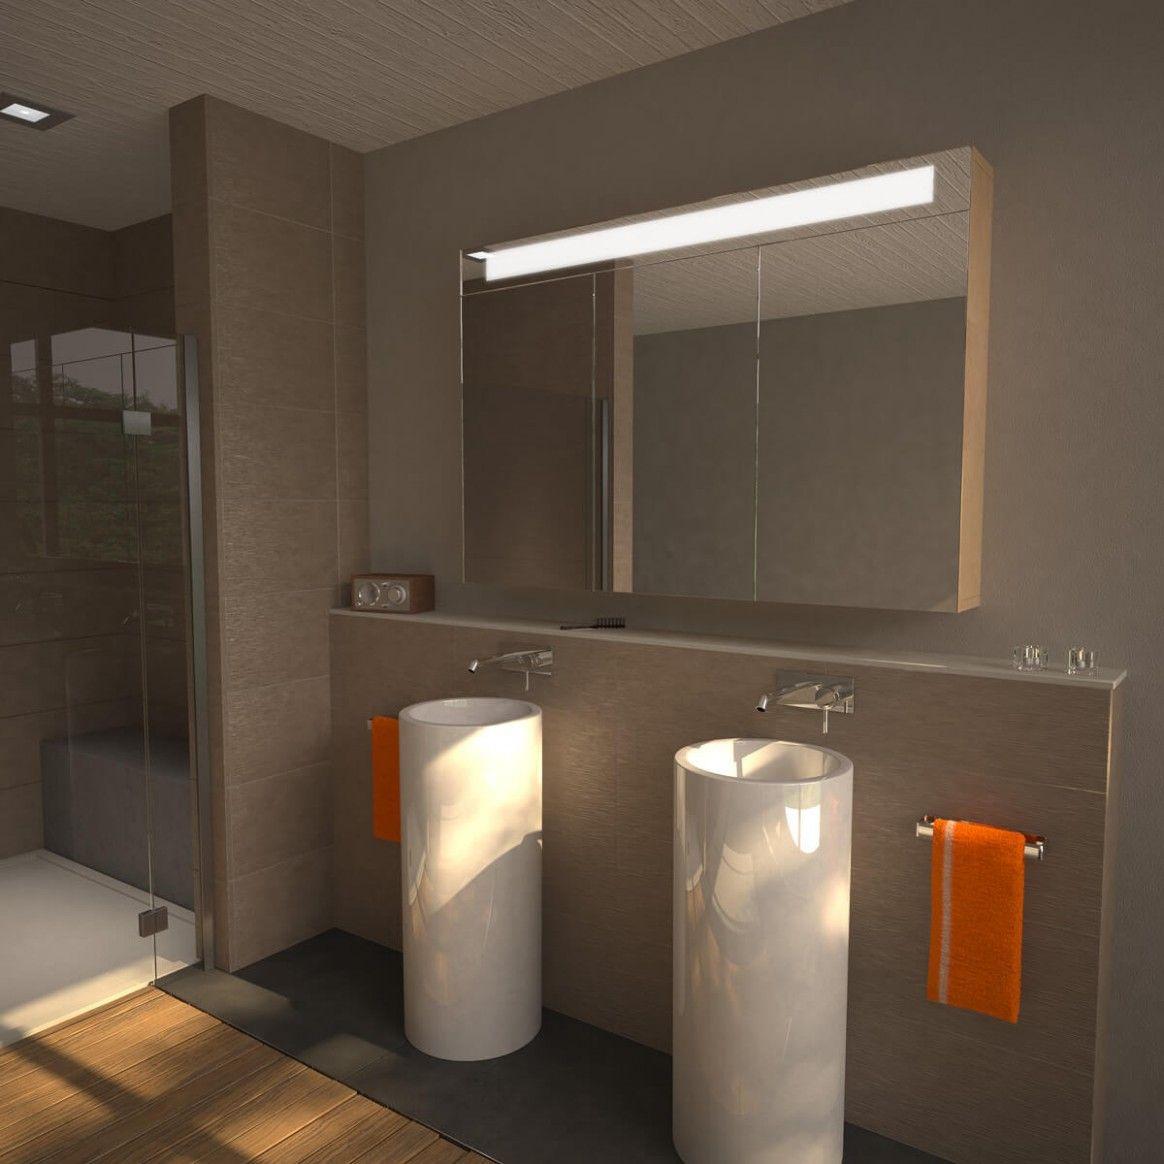 Badezimmer Spiegelschrank Design In 2020 Badezimmer Spiegelschrank Spiegelschrank Badezimmereinrichtung